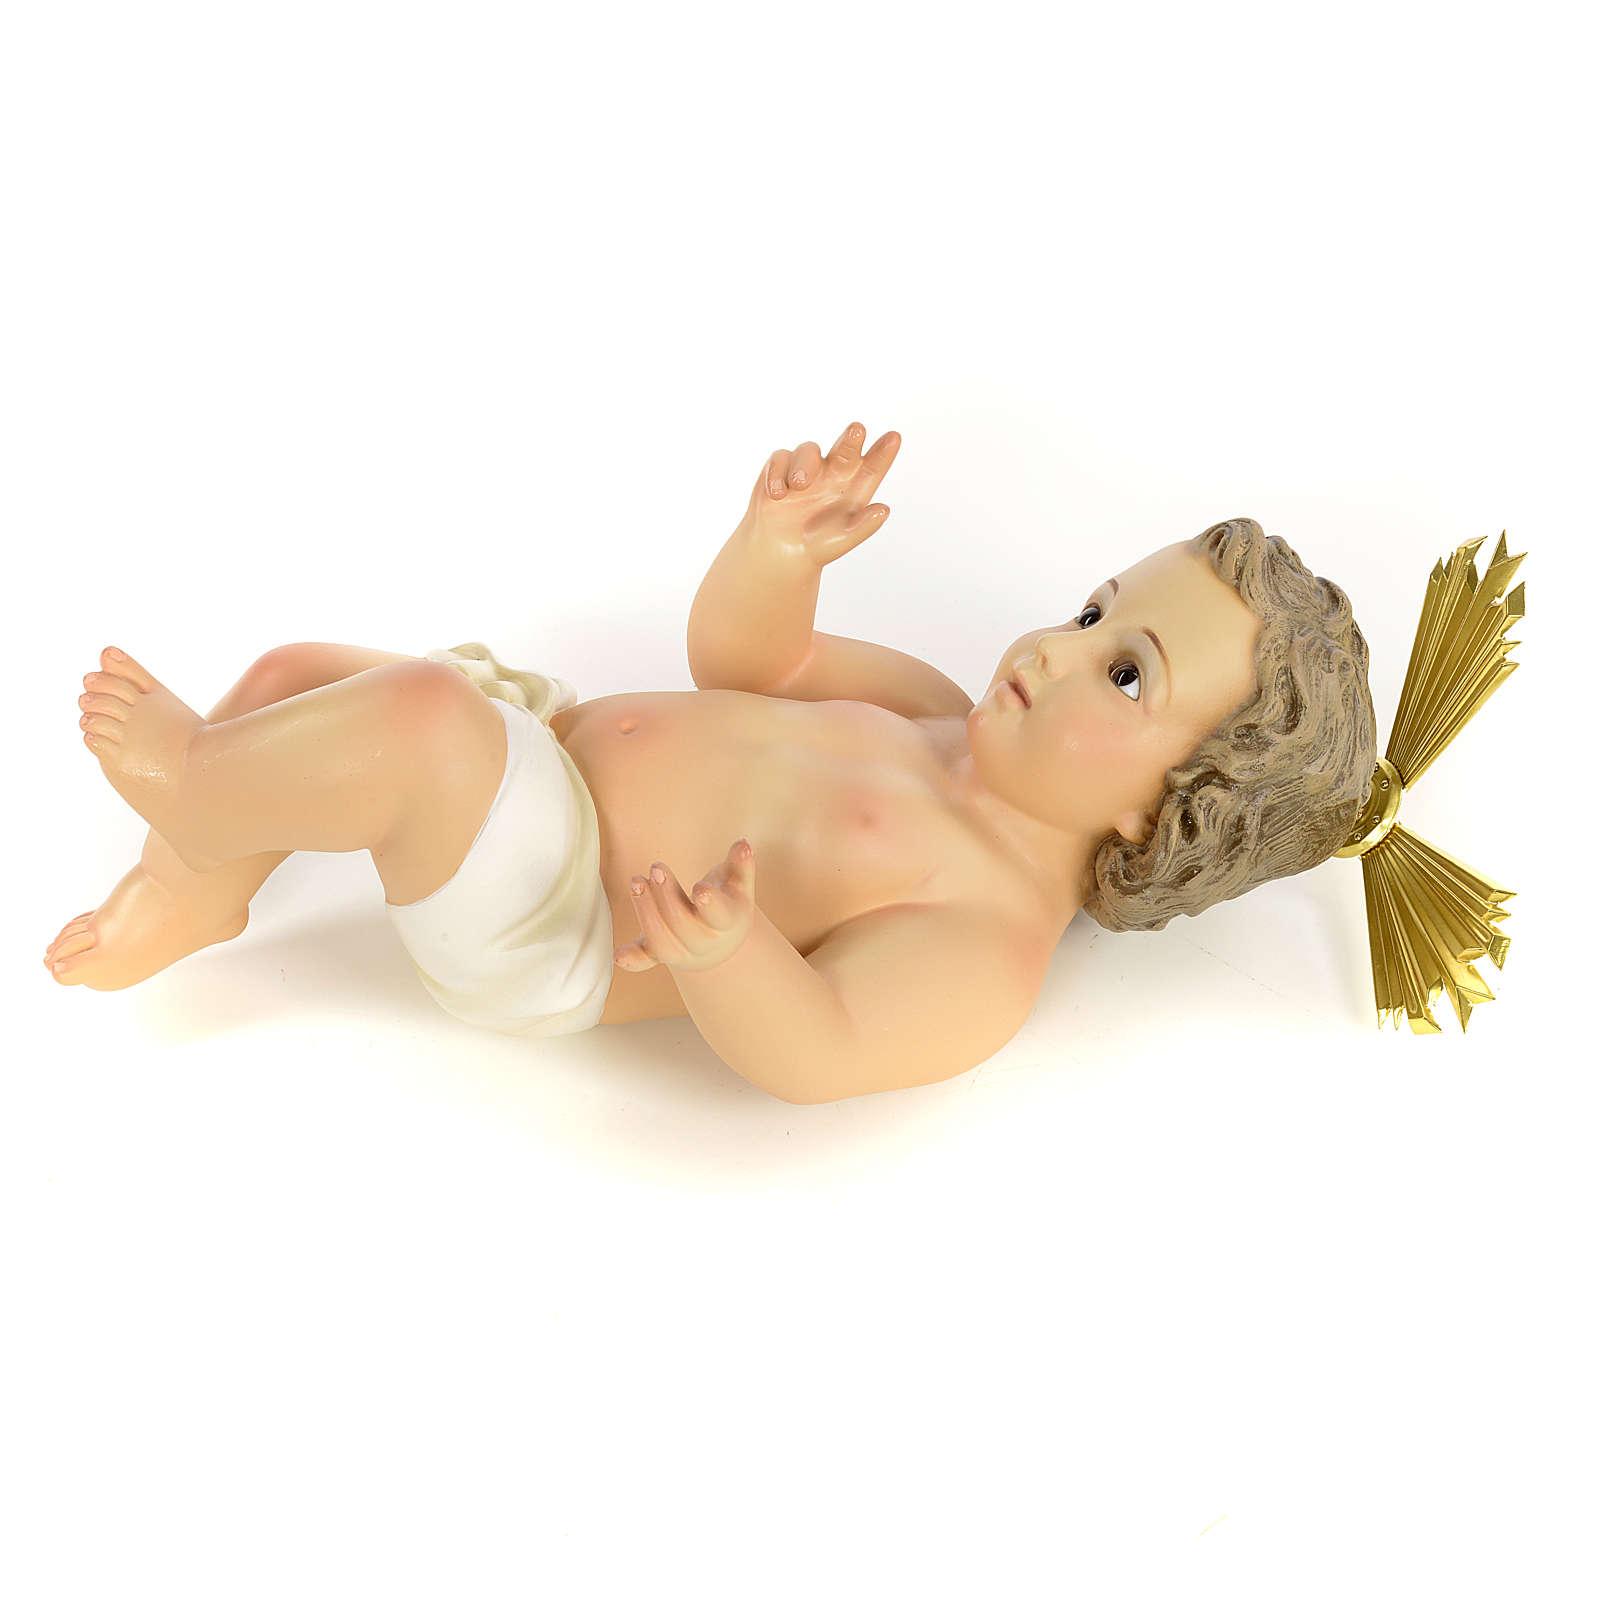 Gesù Bambino 40 cm in pasta di legno dec. fine 3